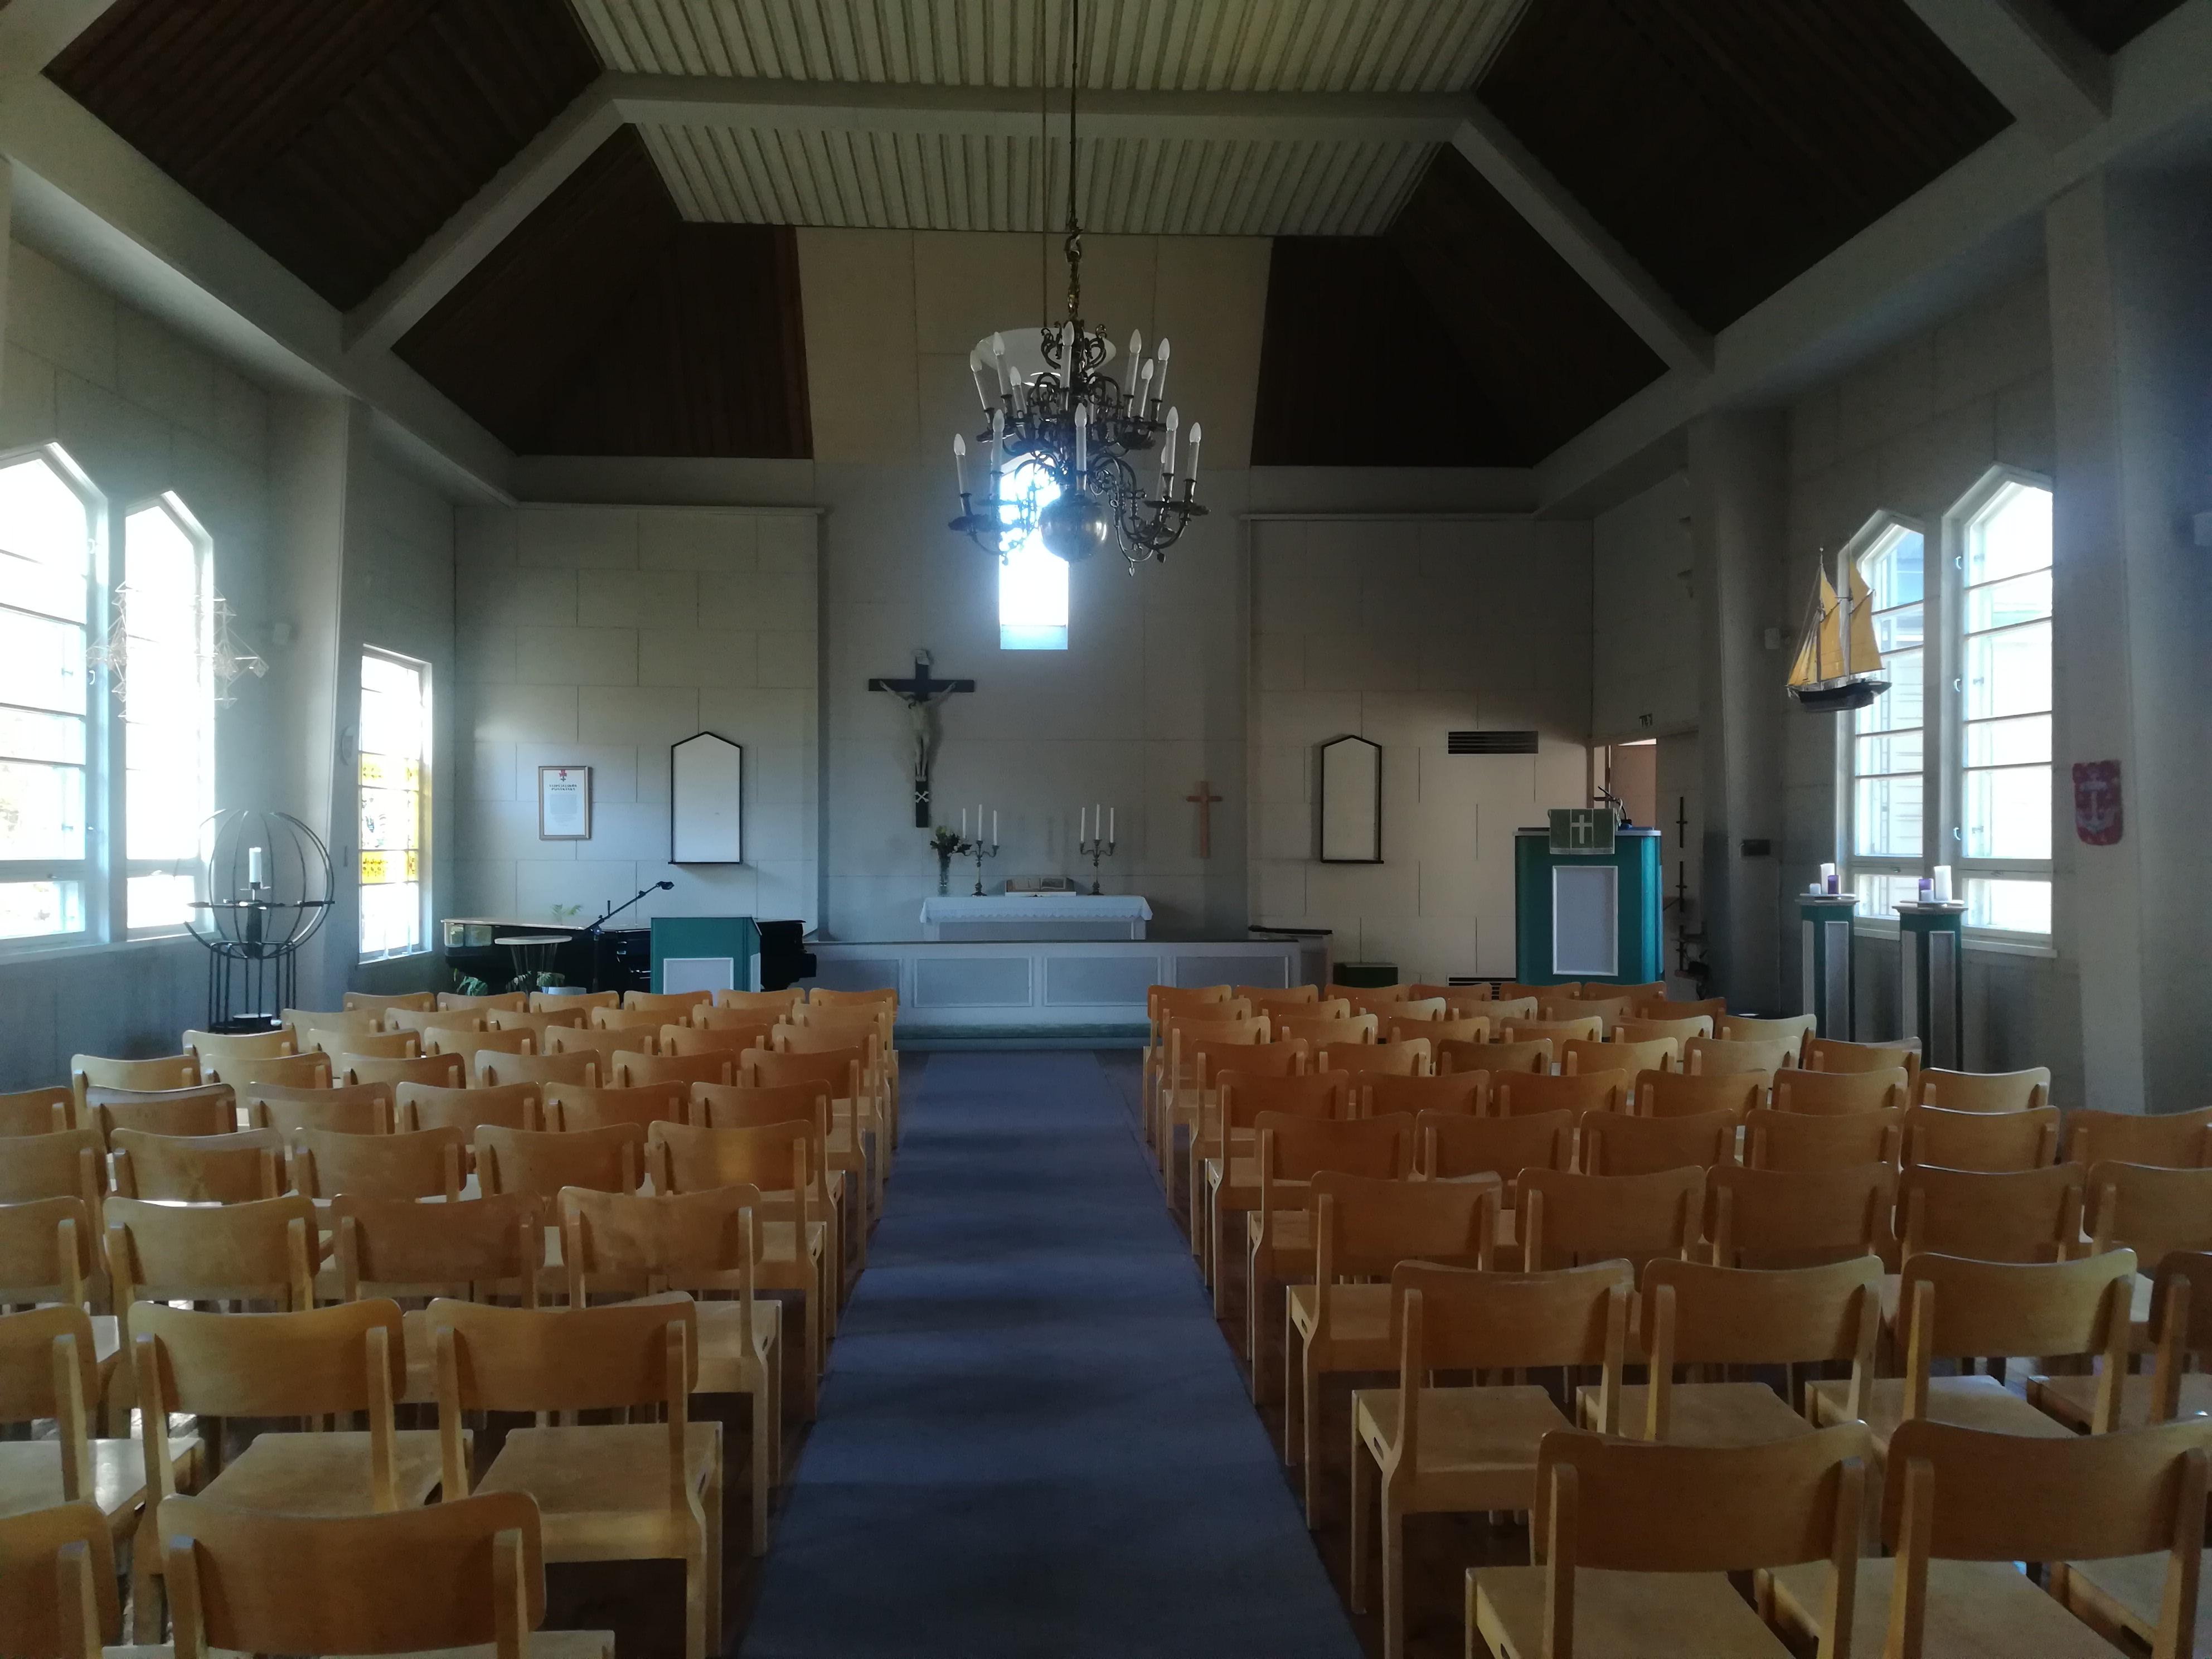 Kirkkosalissa on 200 istumapaikkaa.